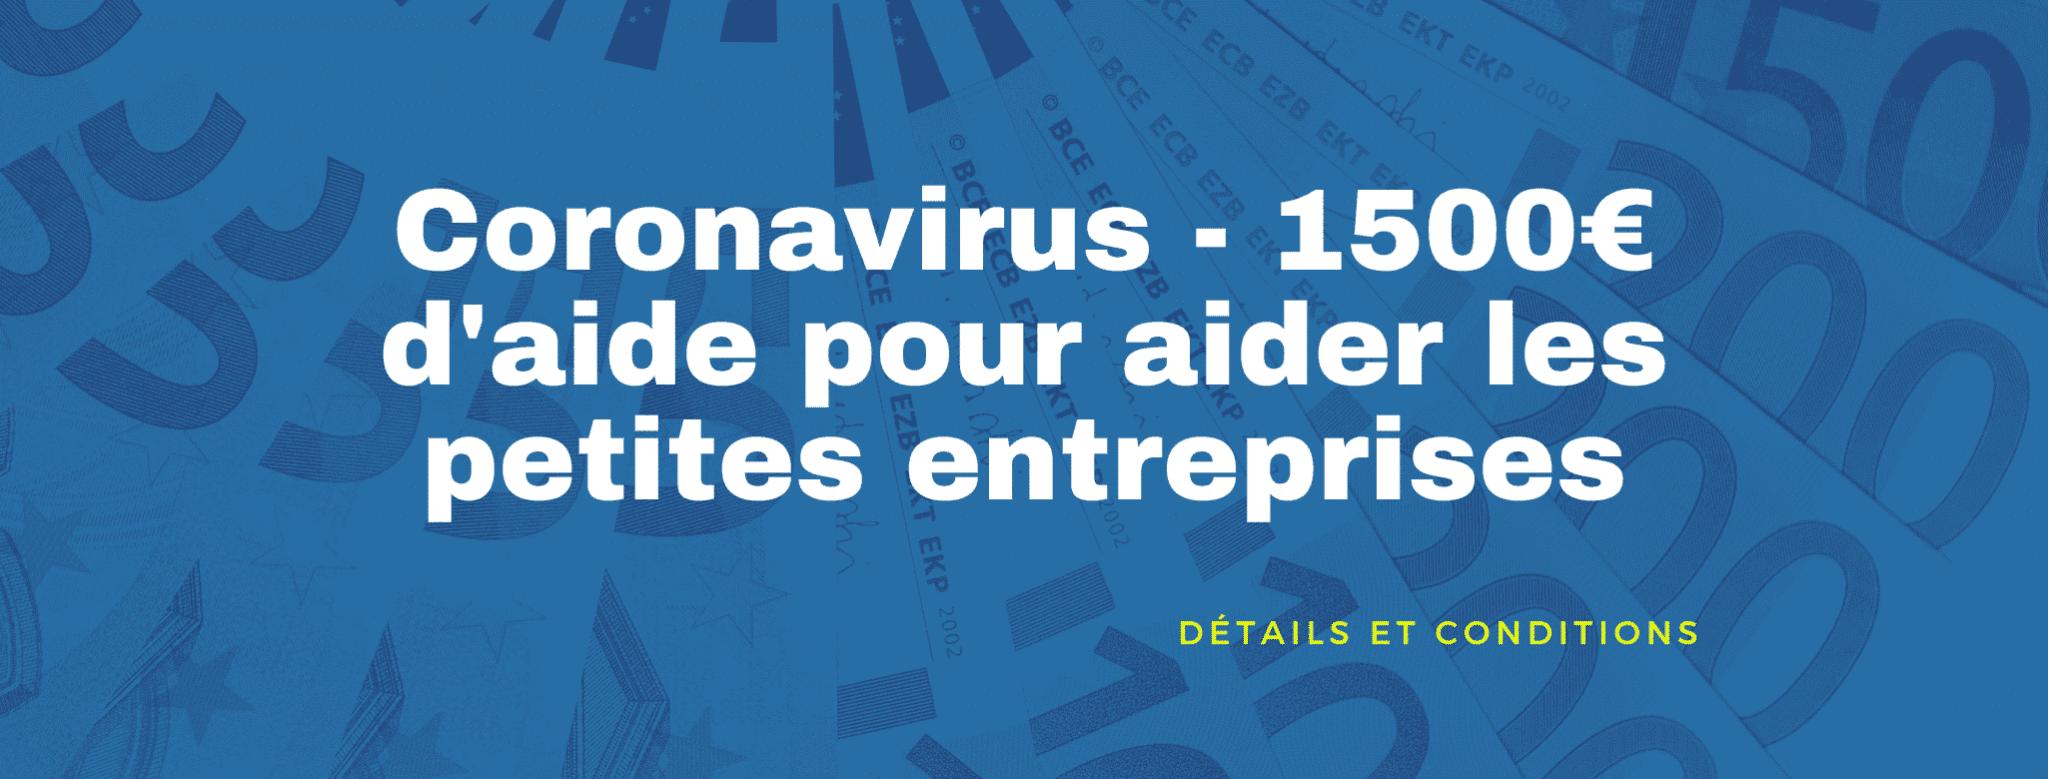 Coronavirus : aide de 1500€ pour les petites entreprises françaises